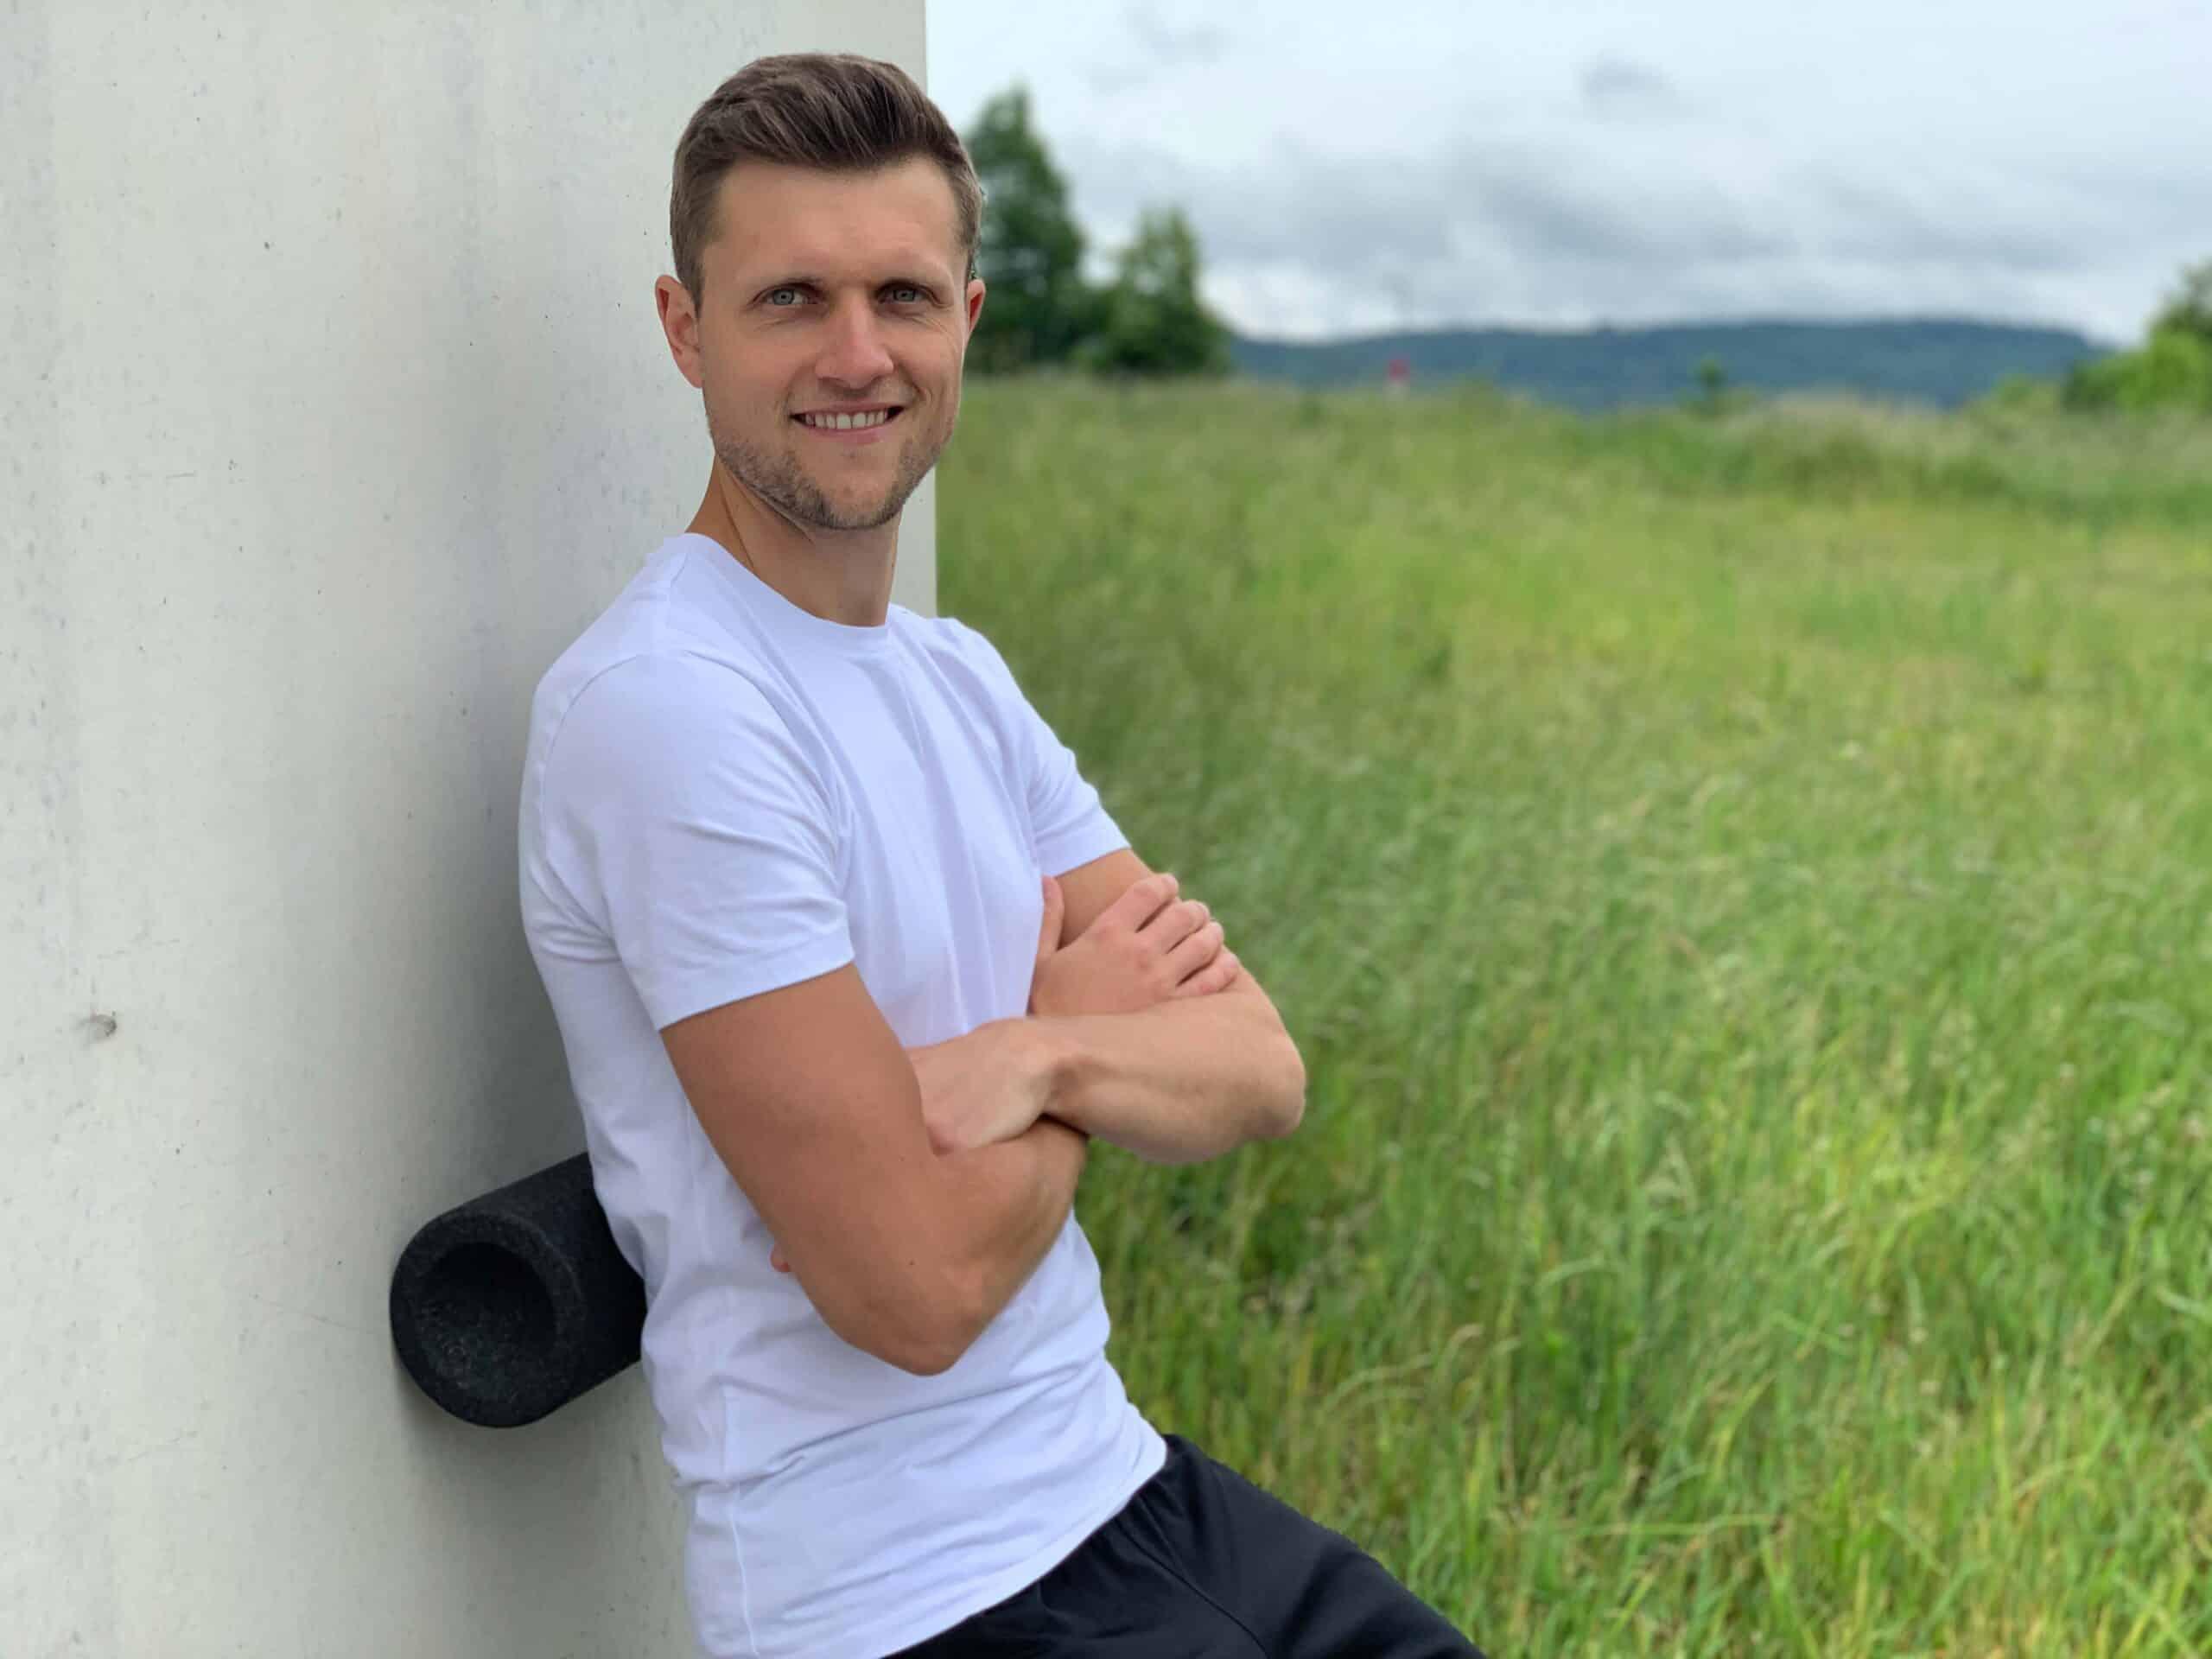 Morbus Bechterew Trainer mit Faszien-Rolle